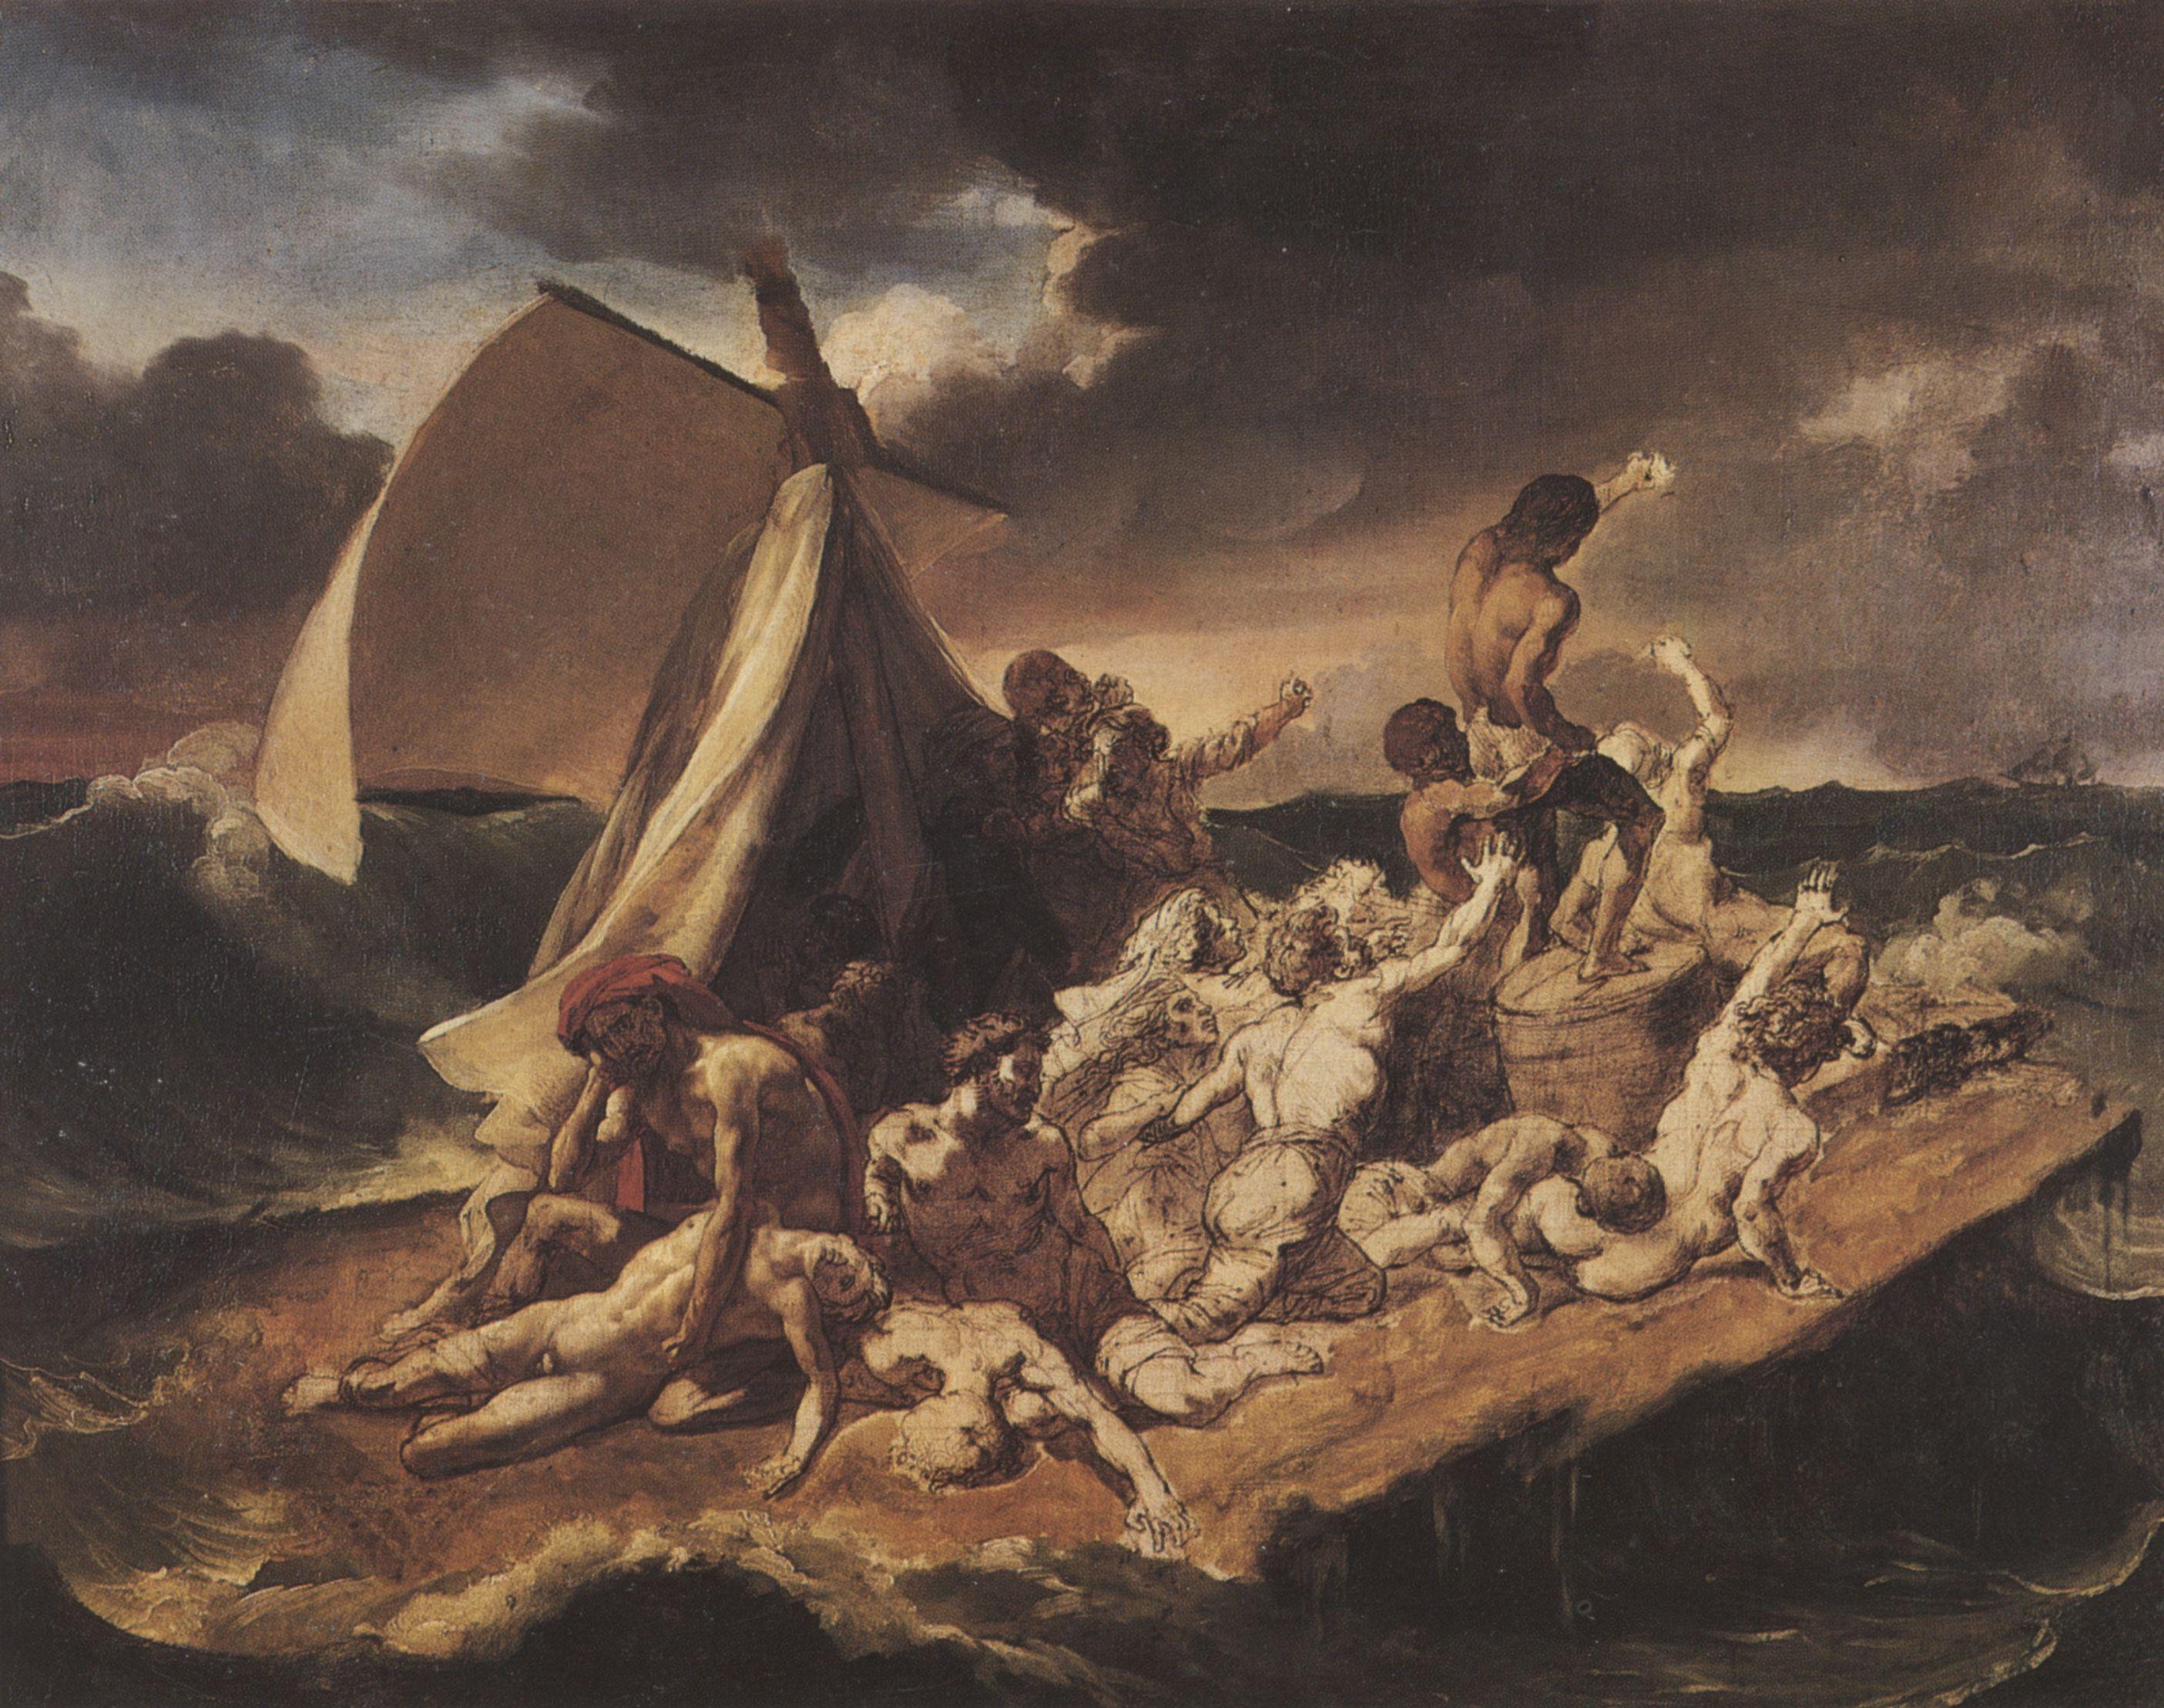 Géricault, Jean Louis Théodore: Floß der Medusa, Studie ... Theodore G��ricault